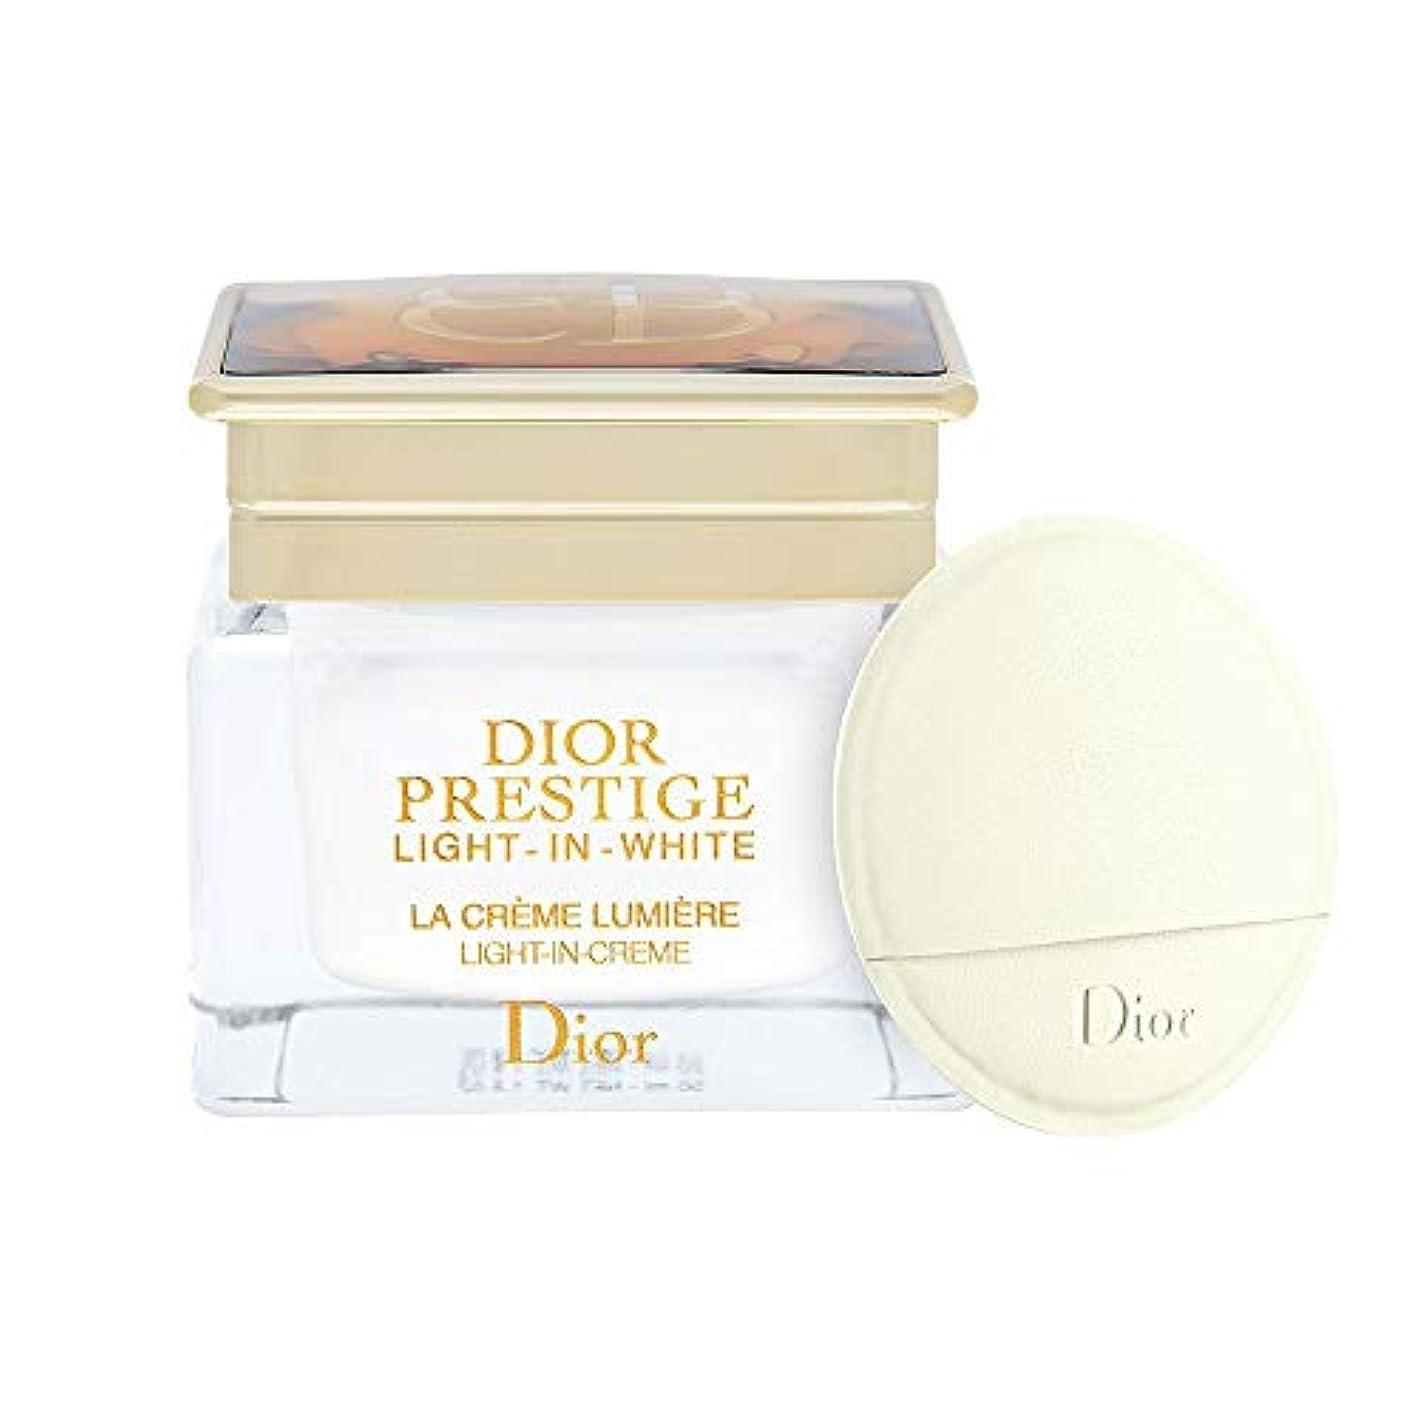 従来のの面ではの面ではディオール(Dior) プレステージ ホワイト ラ クレーム ルミエール 50ml [並行輸入品]